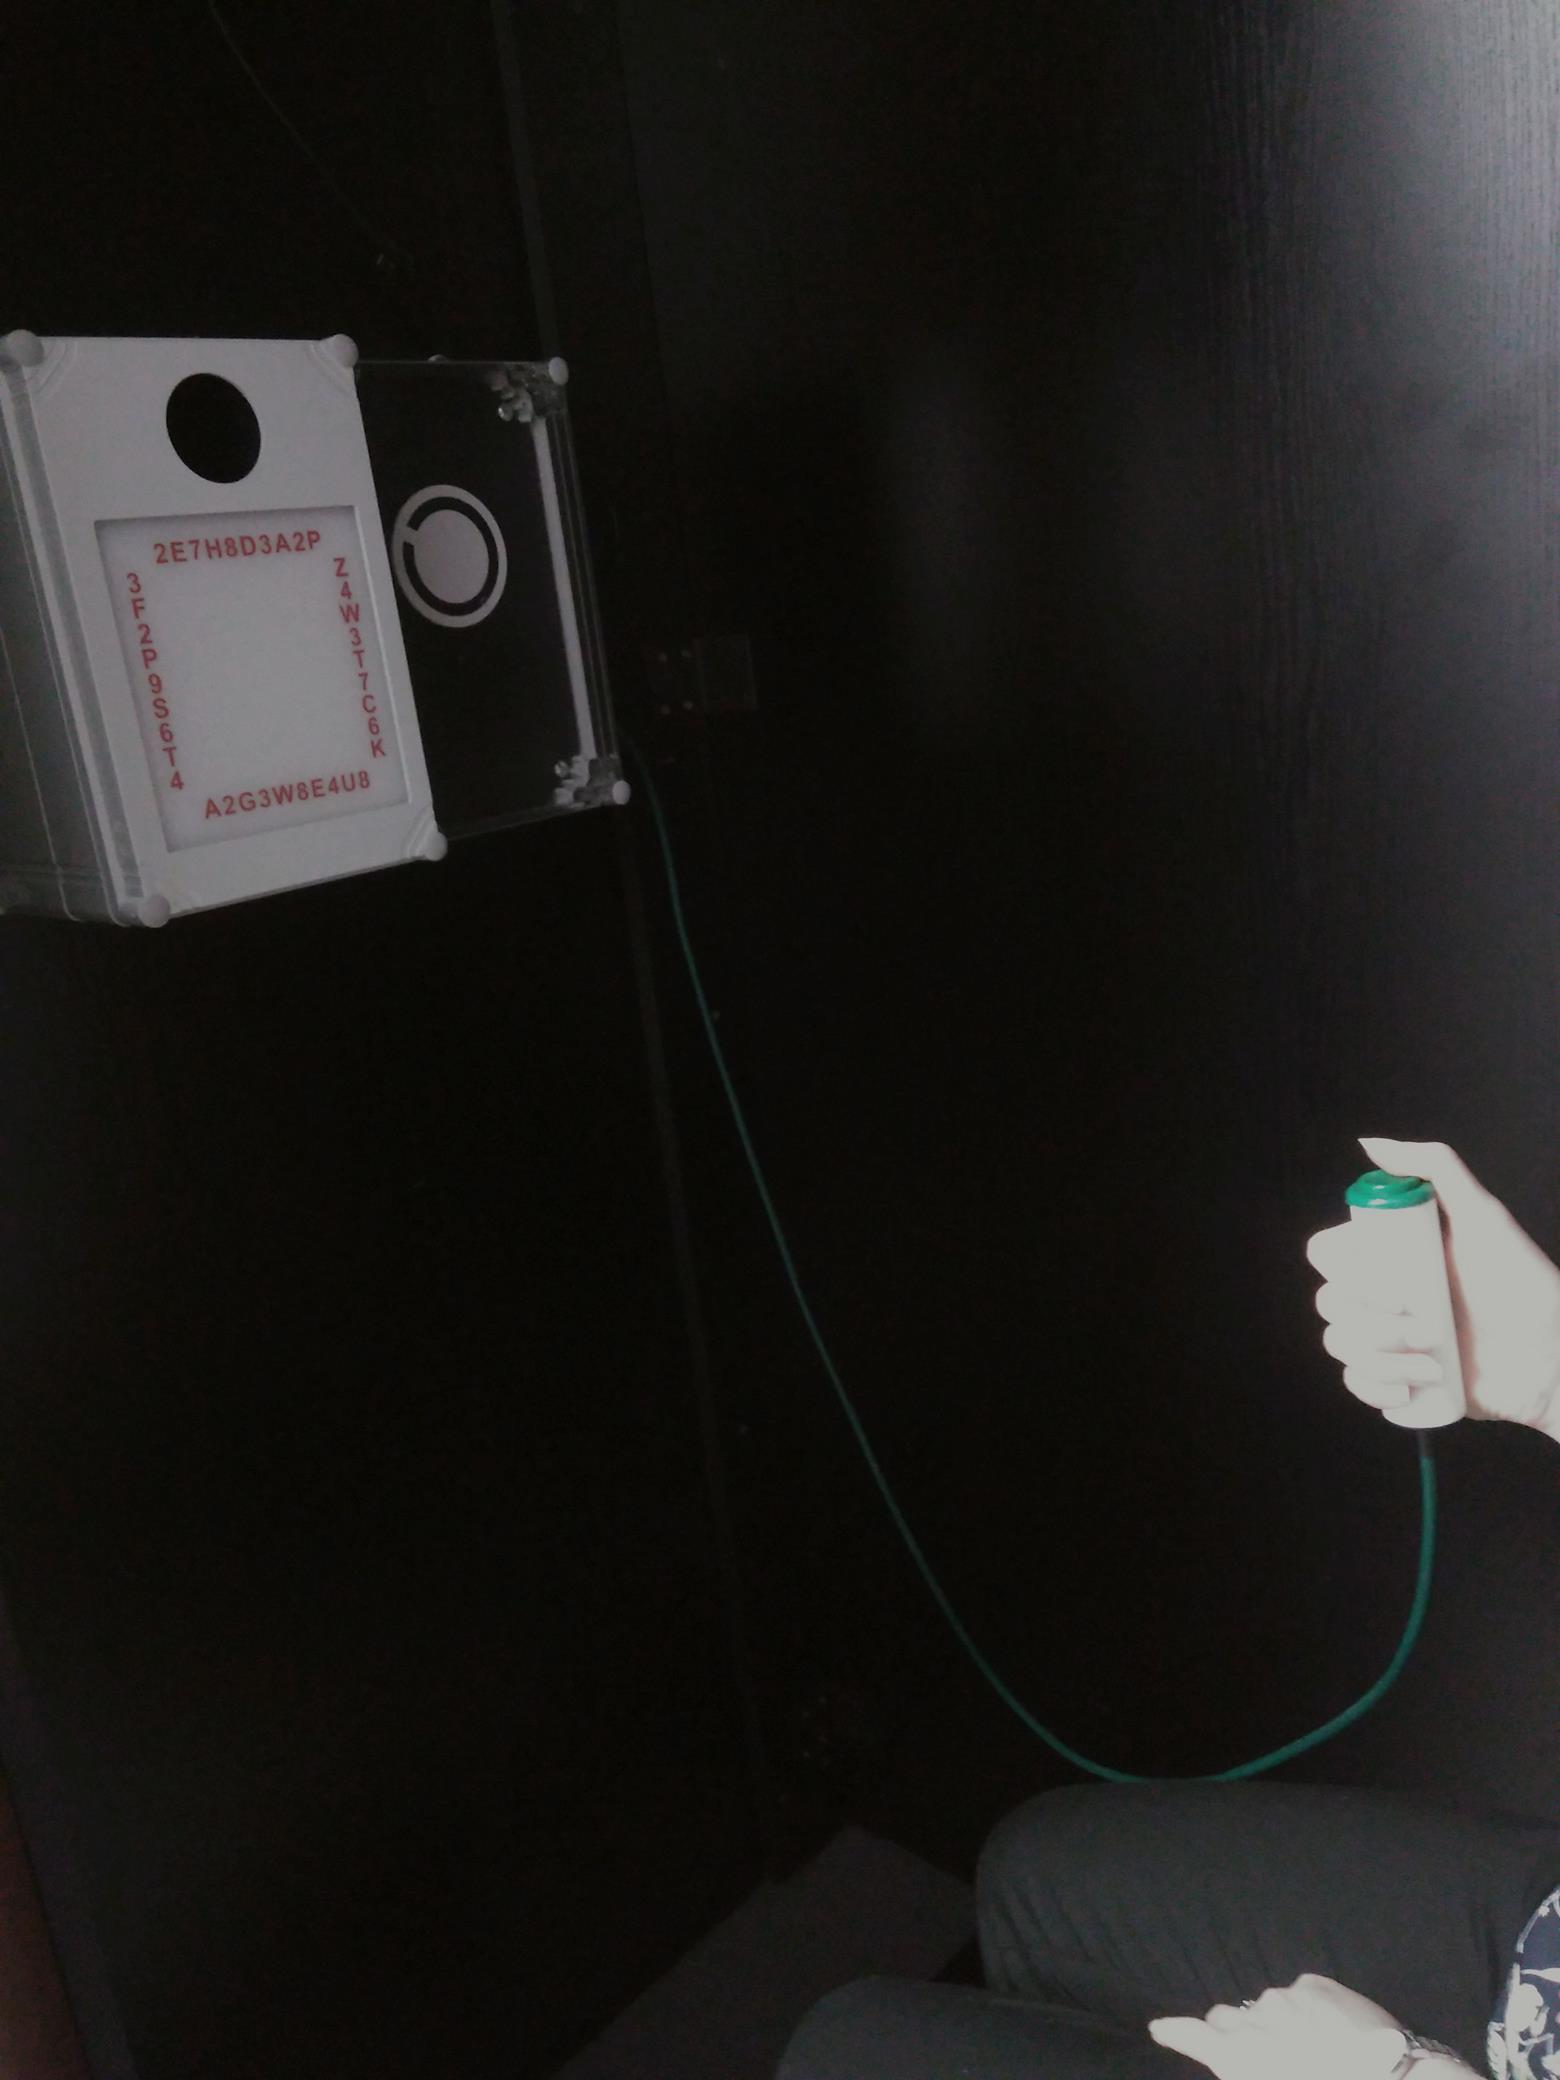 Badanie psychotechniczne - Pierścień Landolta i Noktometr (badanie w ciemni)